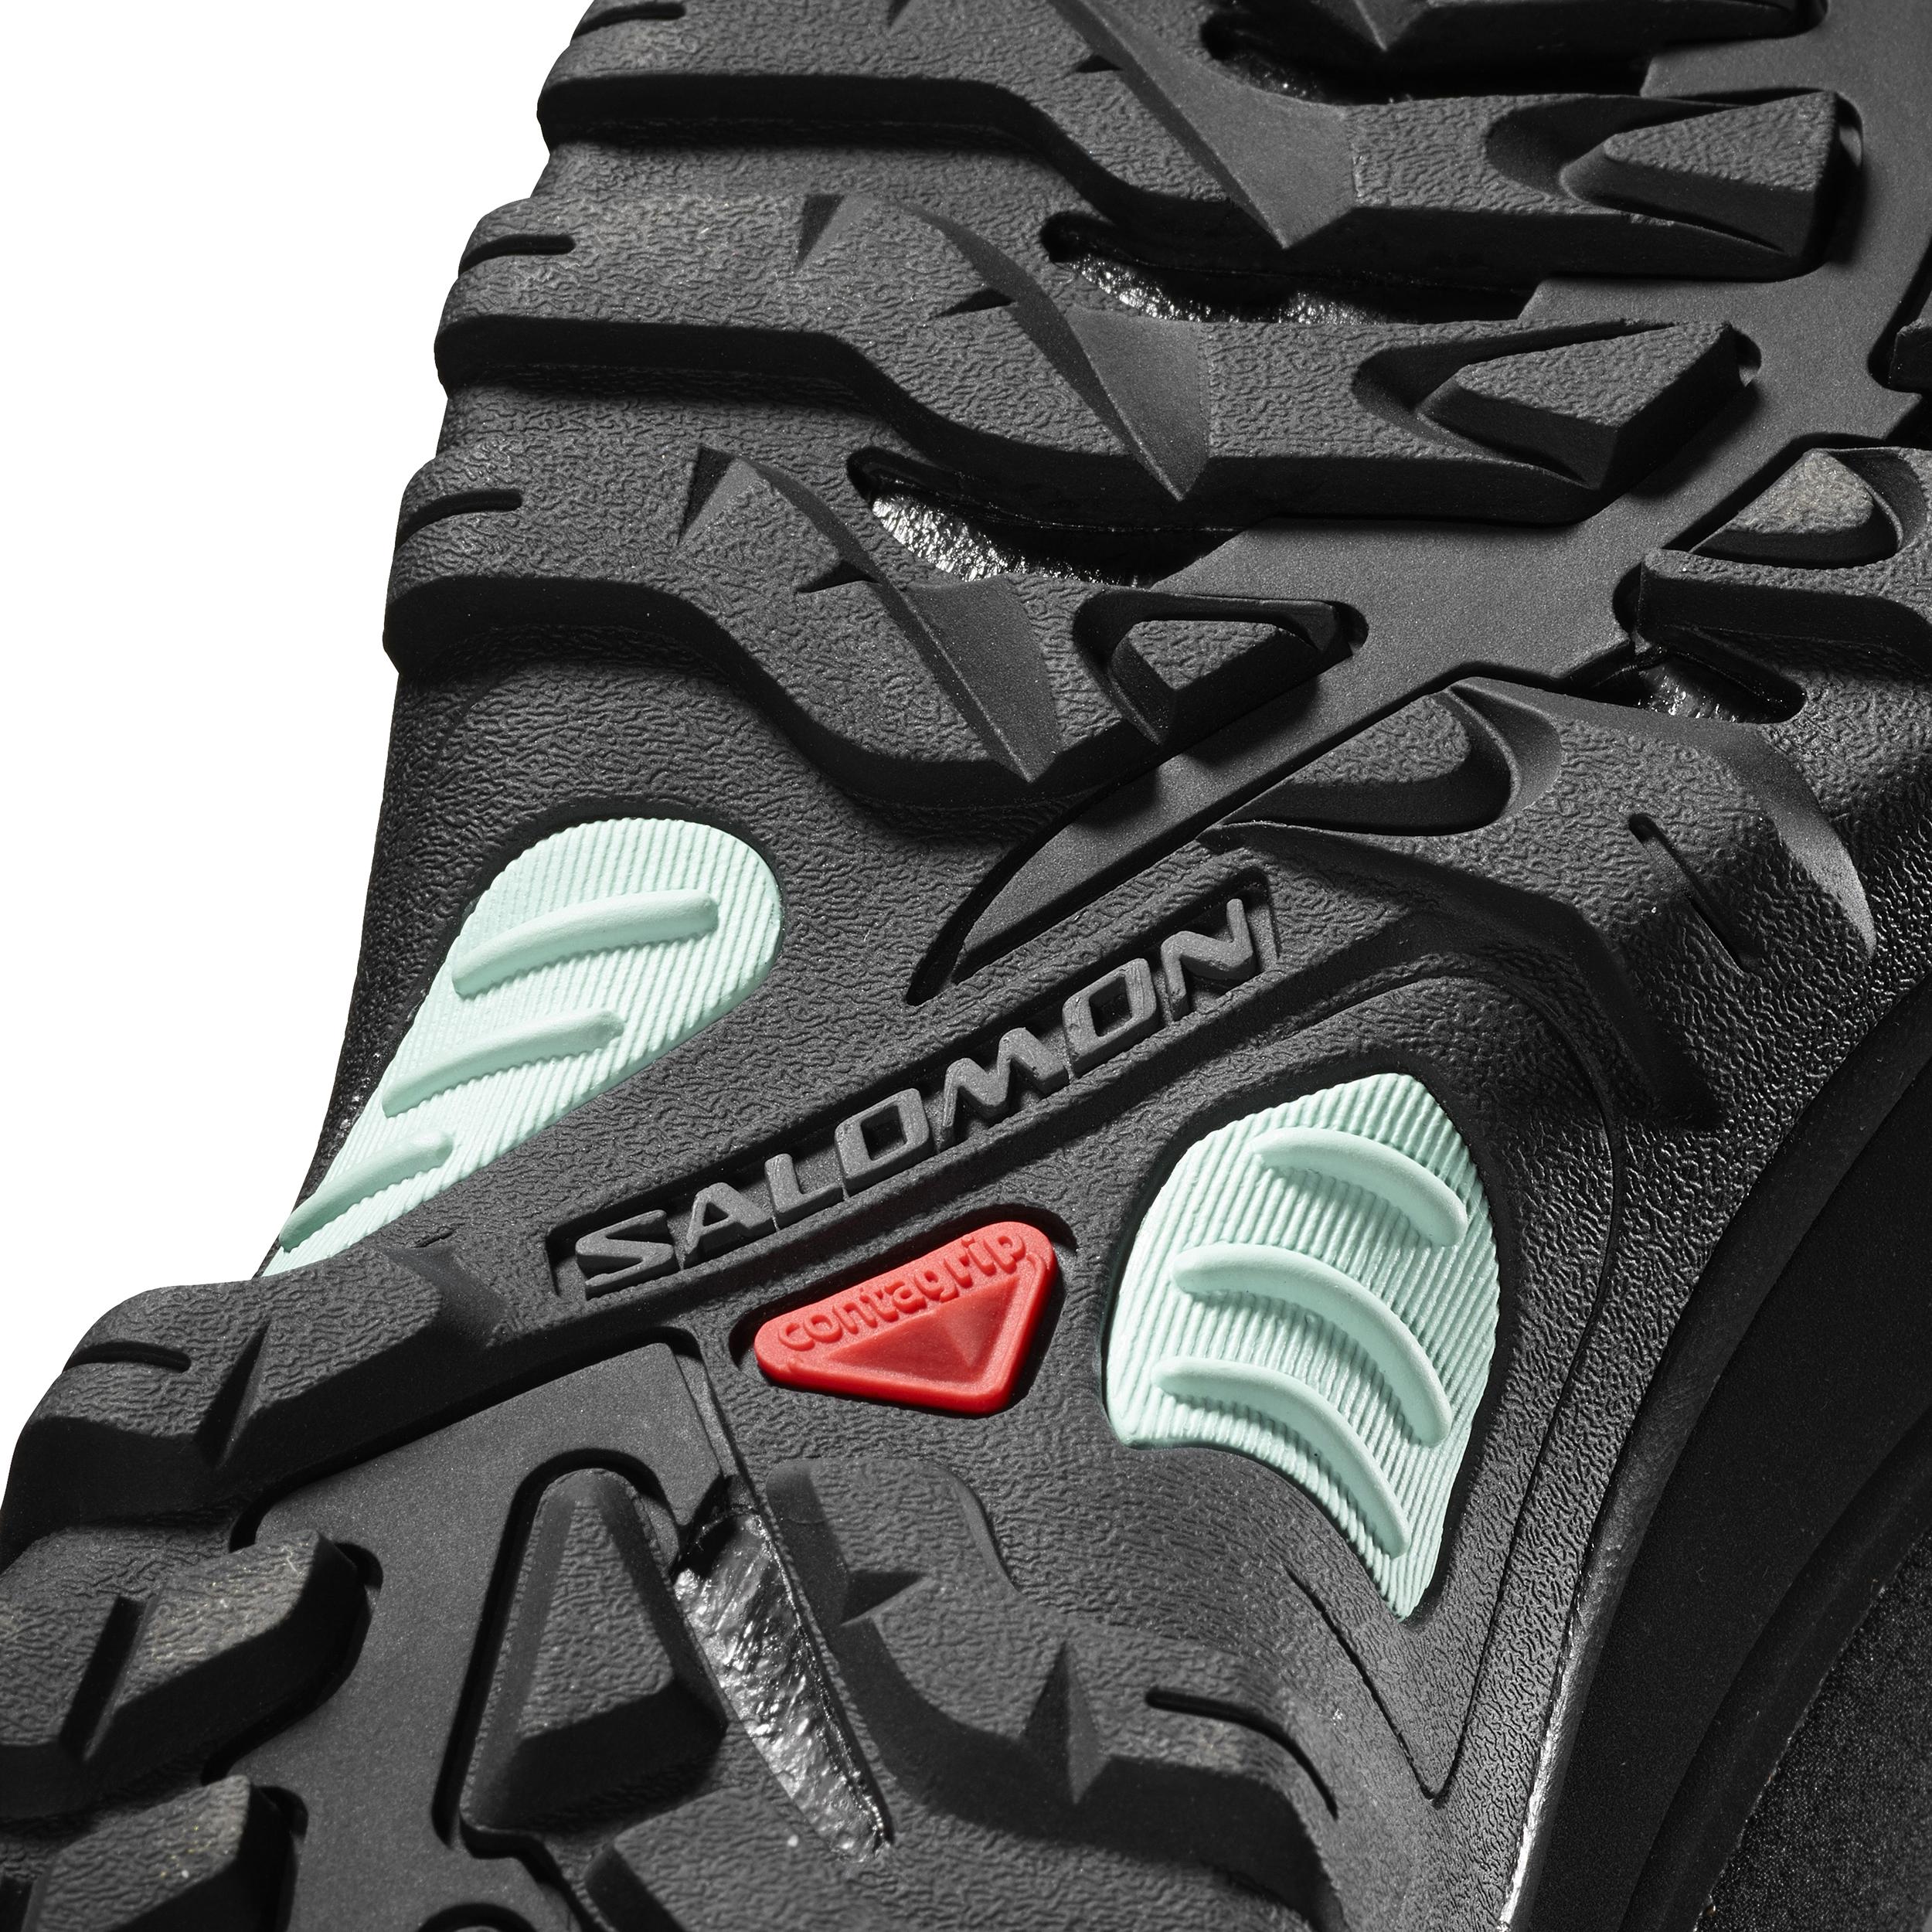 Salomon Xa Pro 3d Chaussures de Randonnée Basses Homme NZMA9aUZ